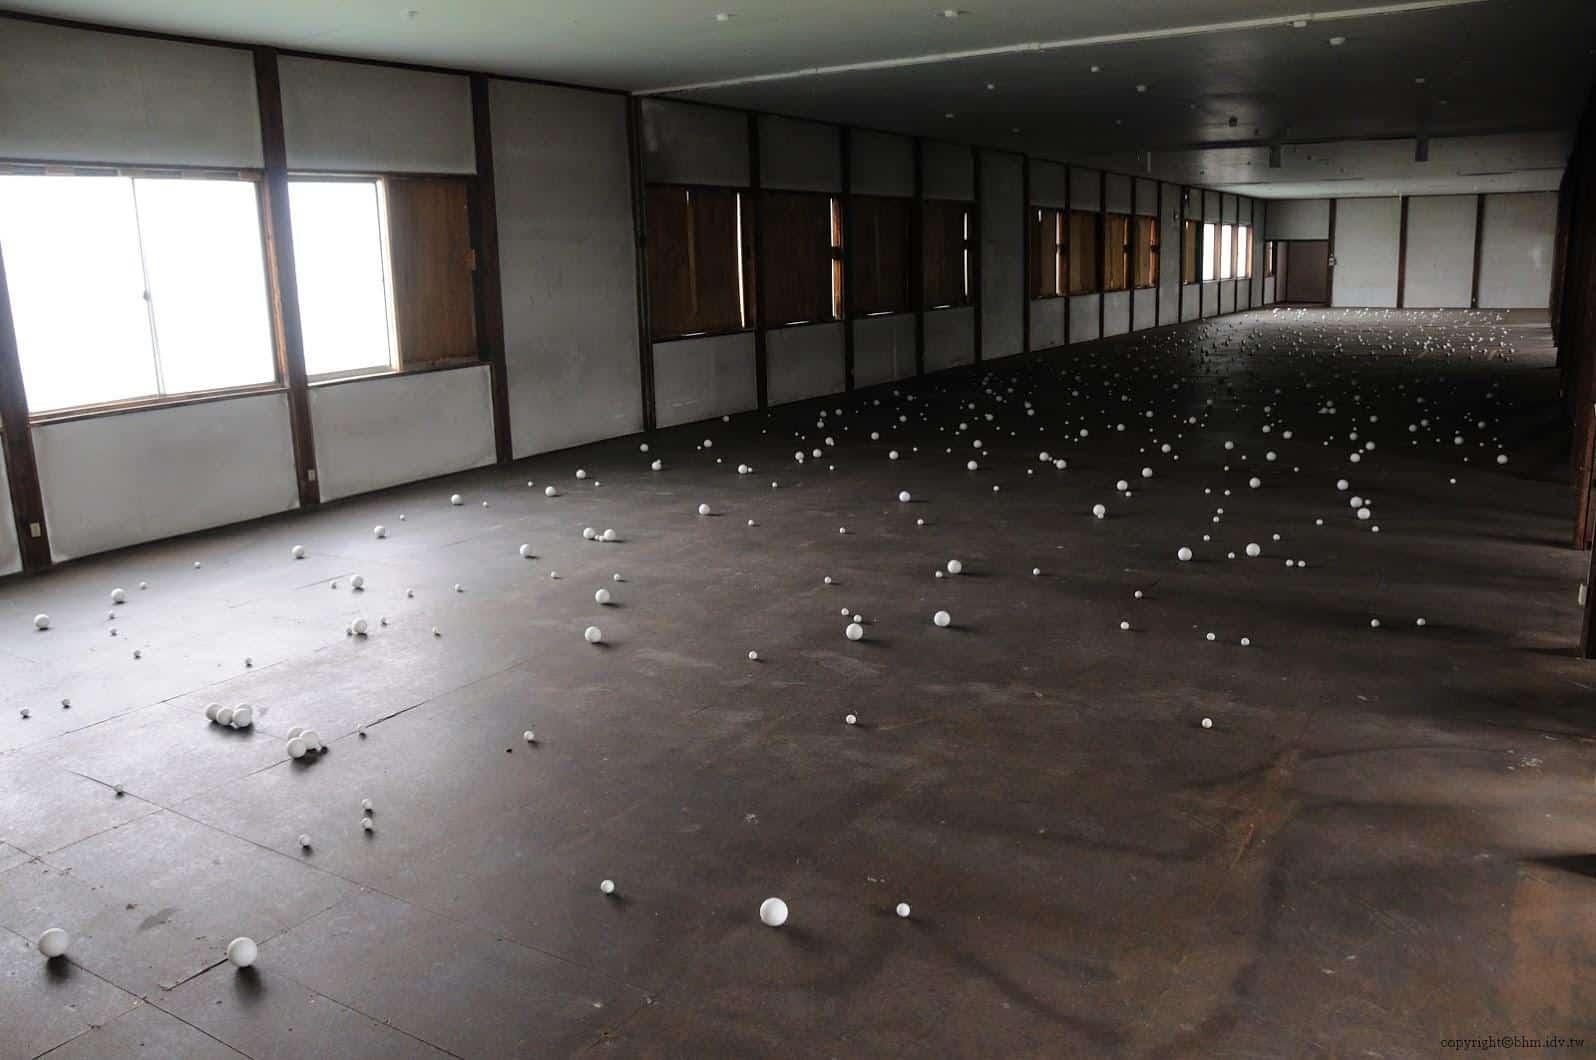 達米安‧奧爾特加,Warp Cloud,二樓的球體散佈於地面上,與一樓的懸掛完全不同調 warp cloud Warp Cloud warp cloud 04